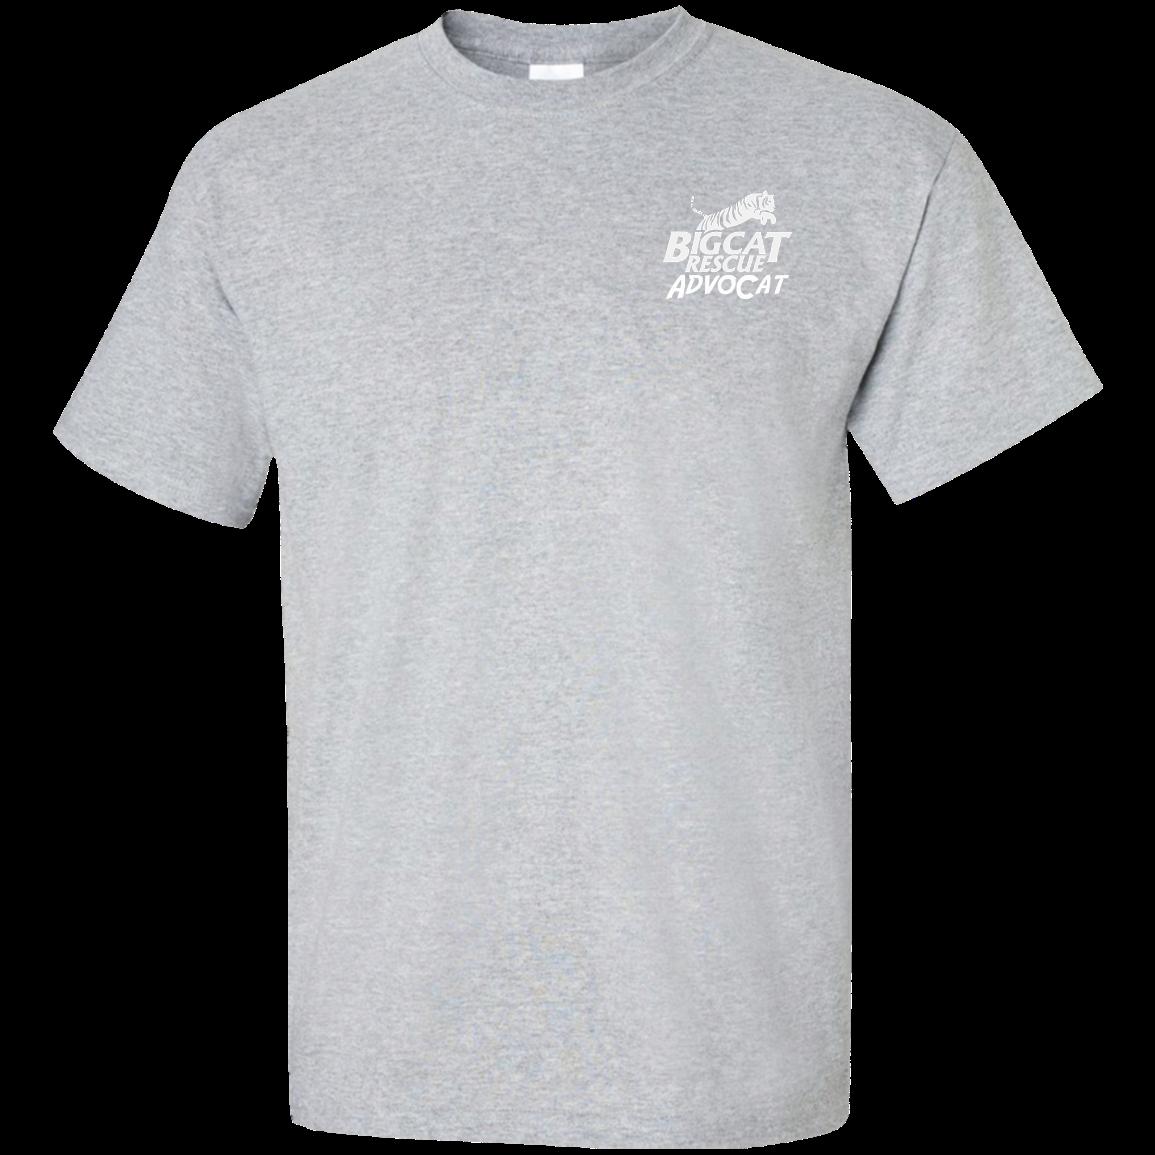 Logo AdvoCat Tall Ultra Cotton TShirt Cotton tshirt